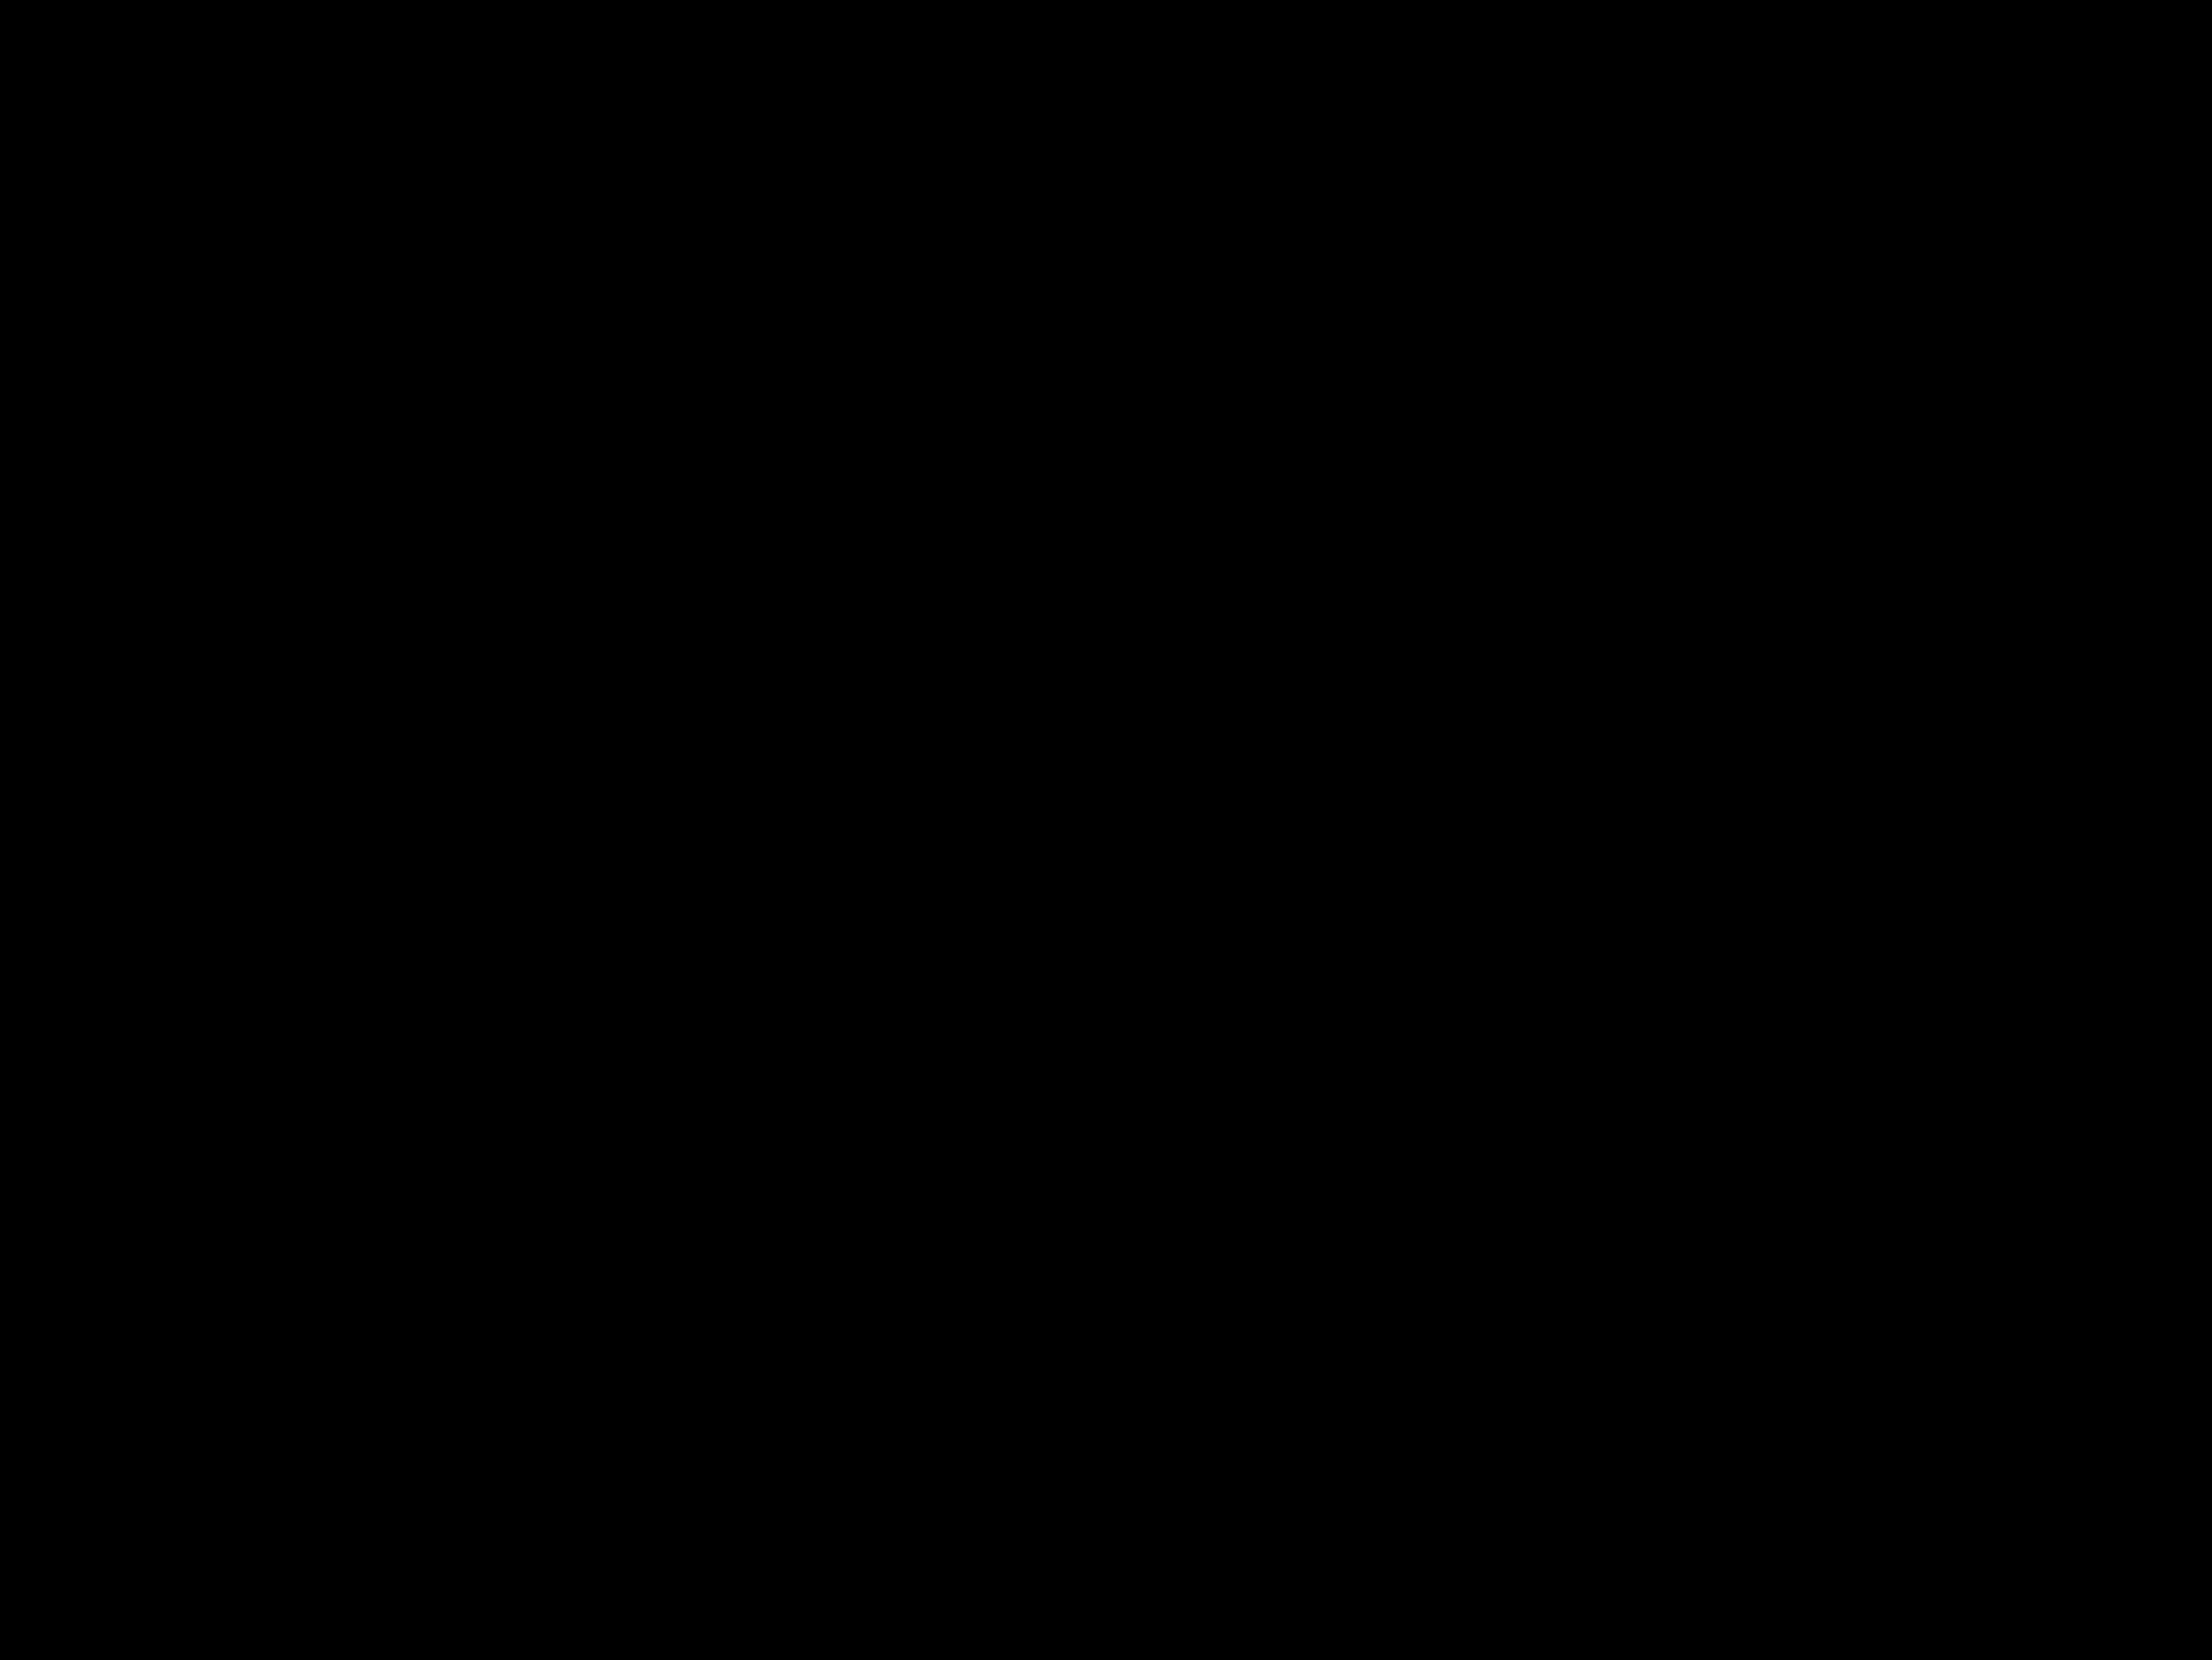 promo code a73af b93d7 Air On The Moon  The Nike Air Max Lunar90 - Nike News